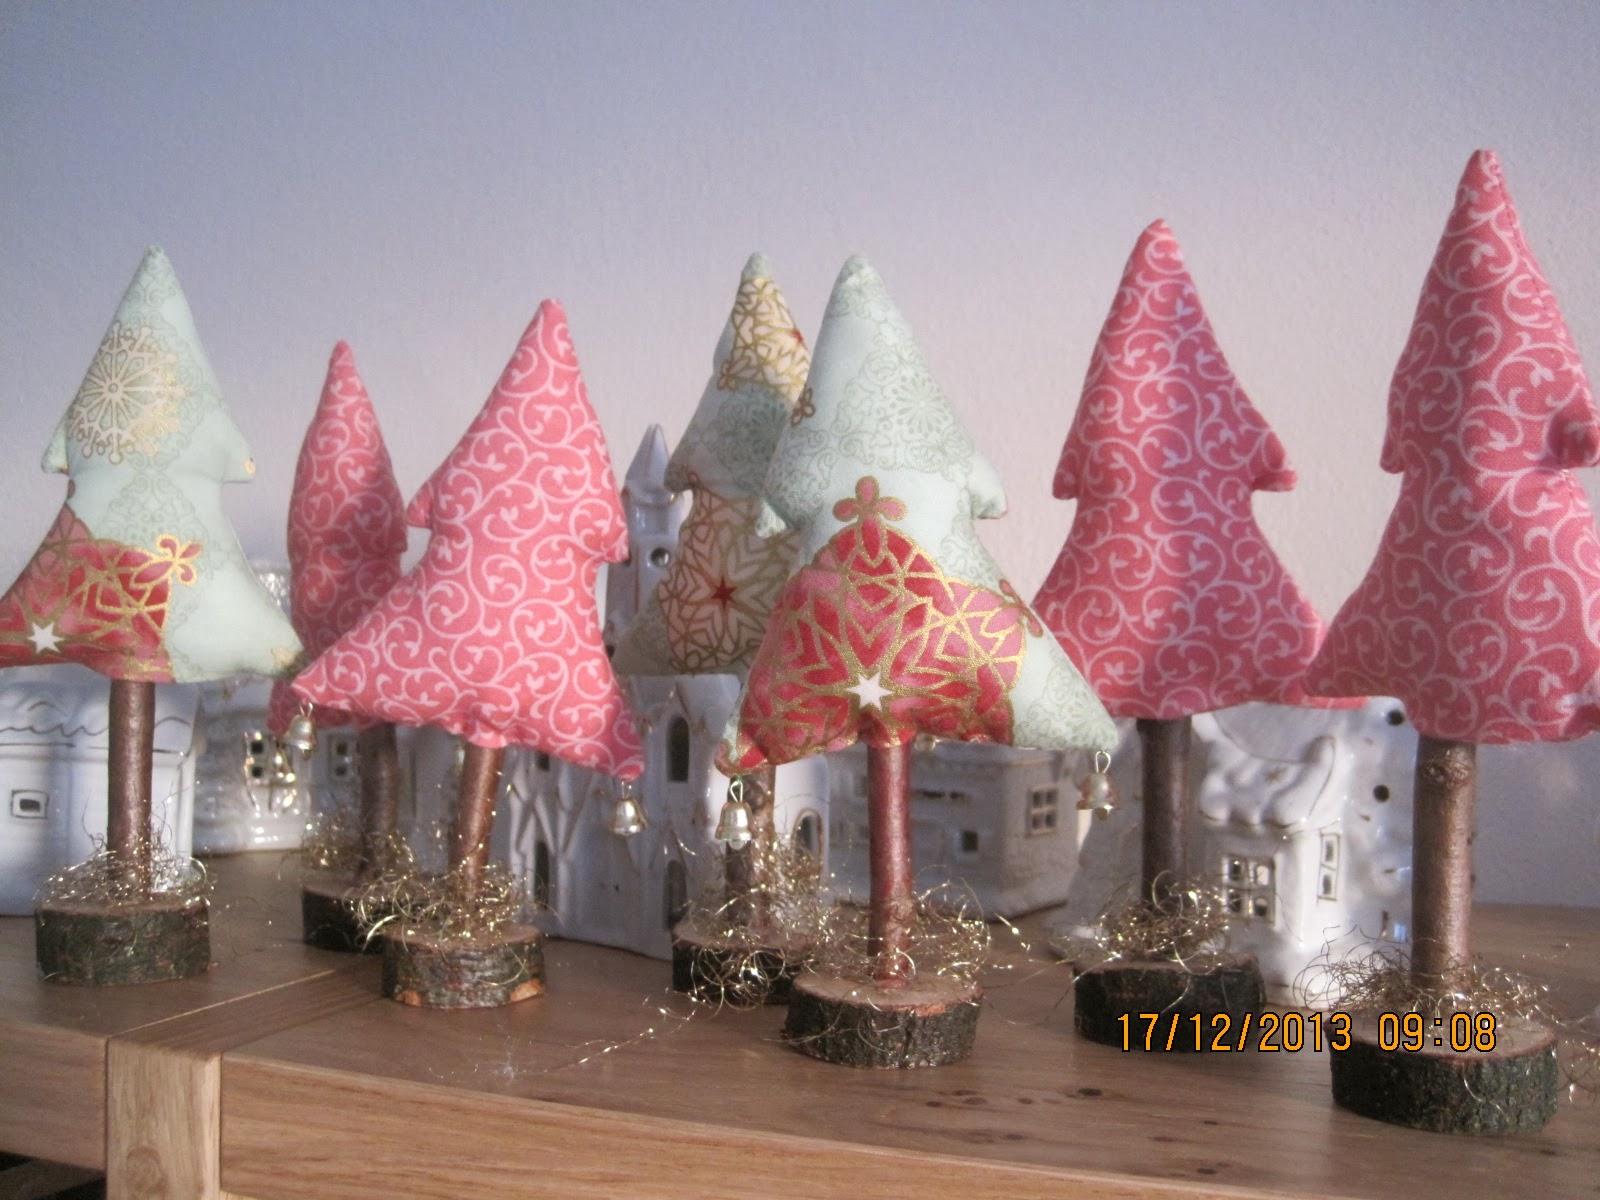 steffi s hobbys frohe weihnachten mit selbstgemachtem. Black Bedroom Furniture Sets. Home Design Ideas